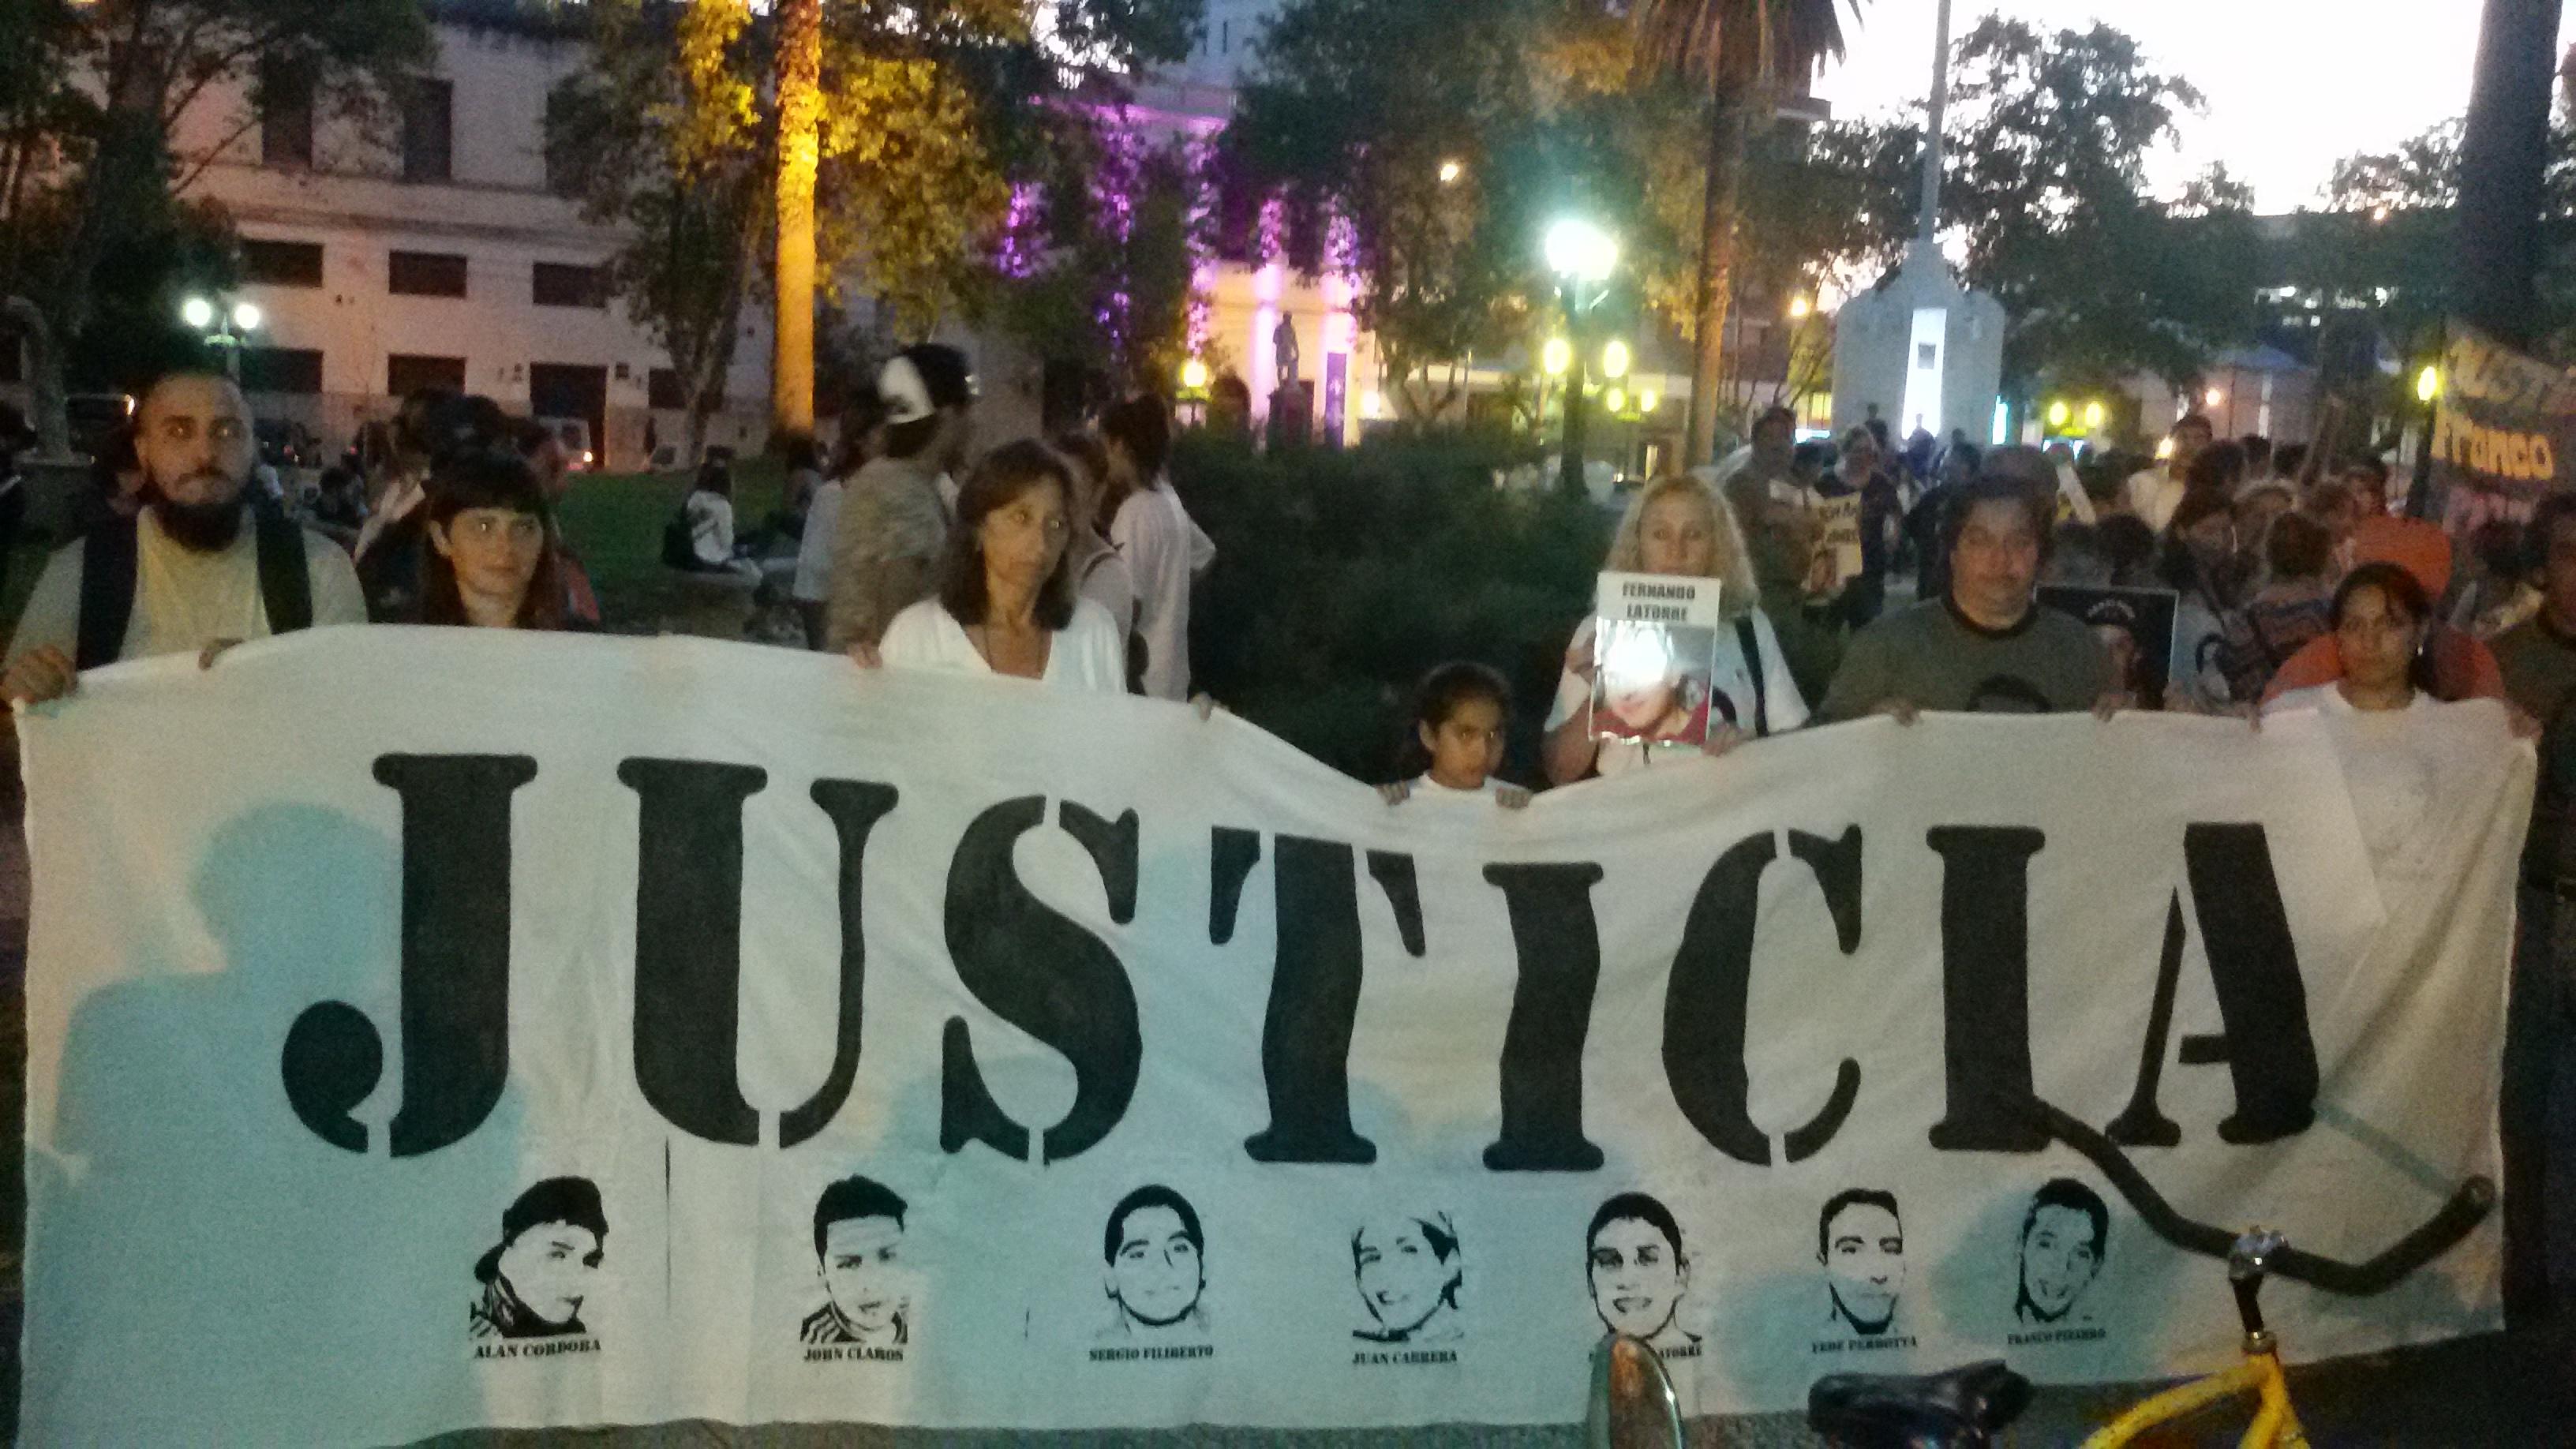 Los familiares de los siete detenidos fallecidos emitieron un comunicado luego de la marcha realizada el último viernes en apoyo a los cinco policías detenido.